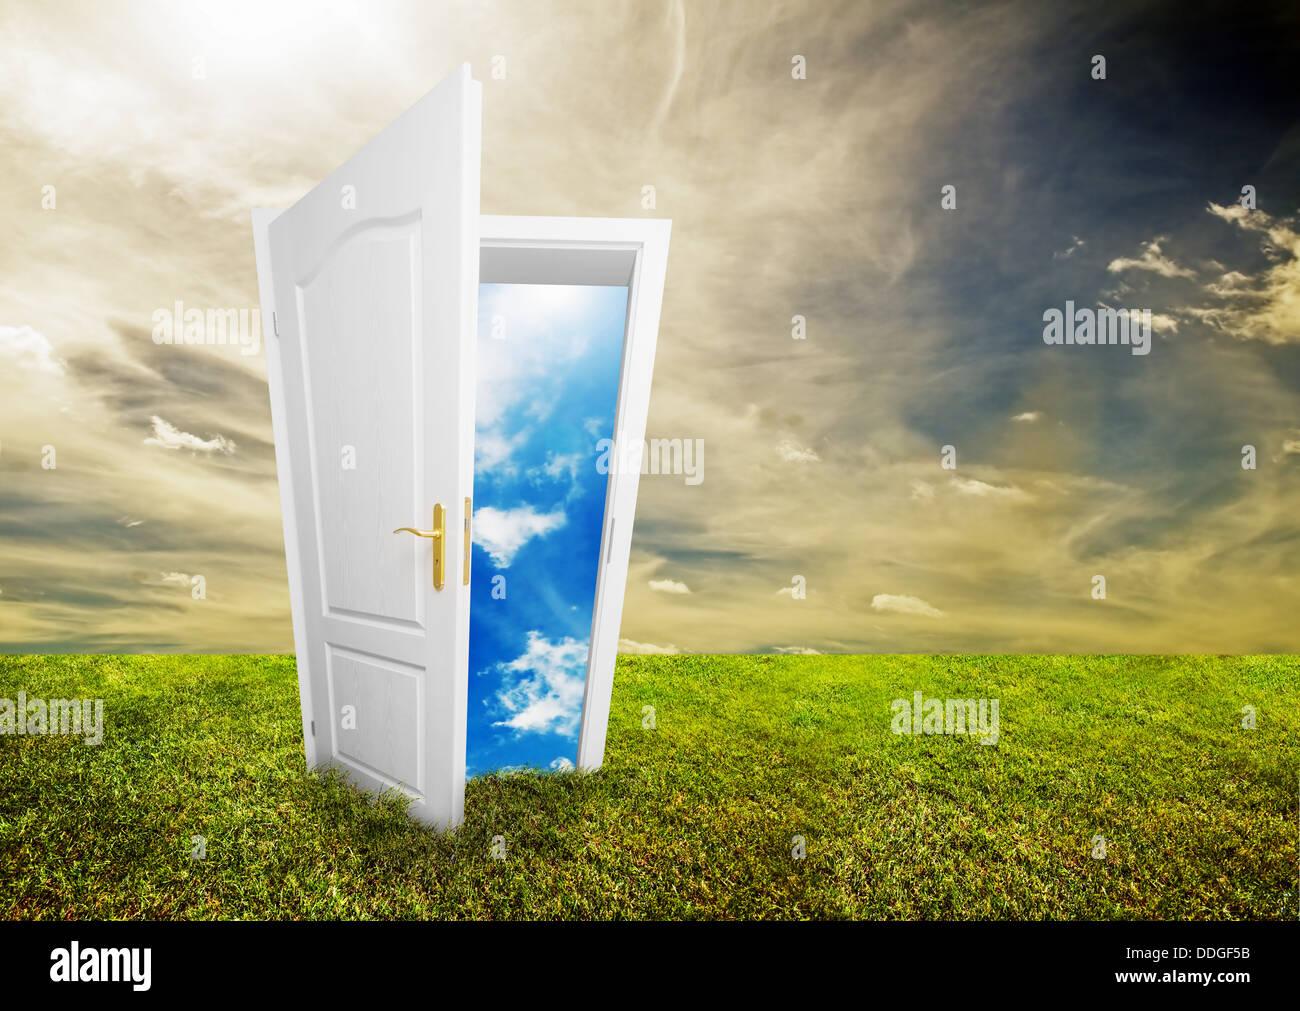 Futuro brillante / opciones concepto Imagen De Stock